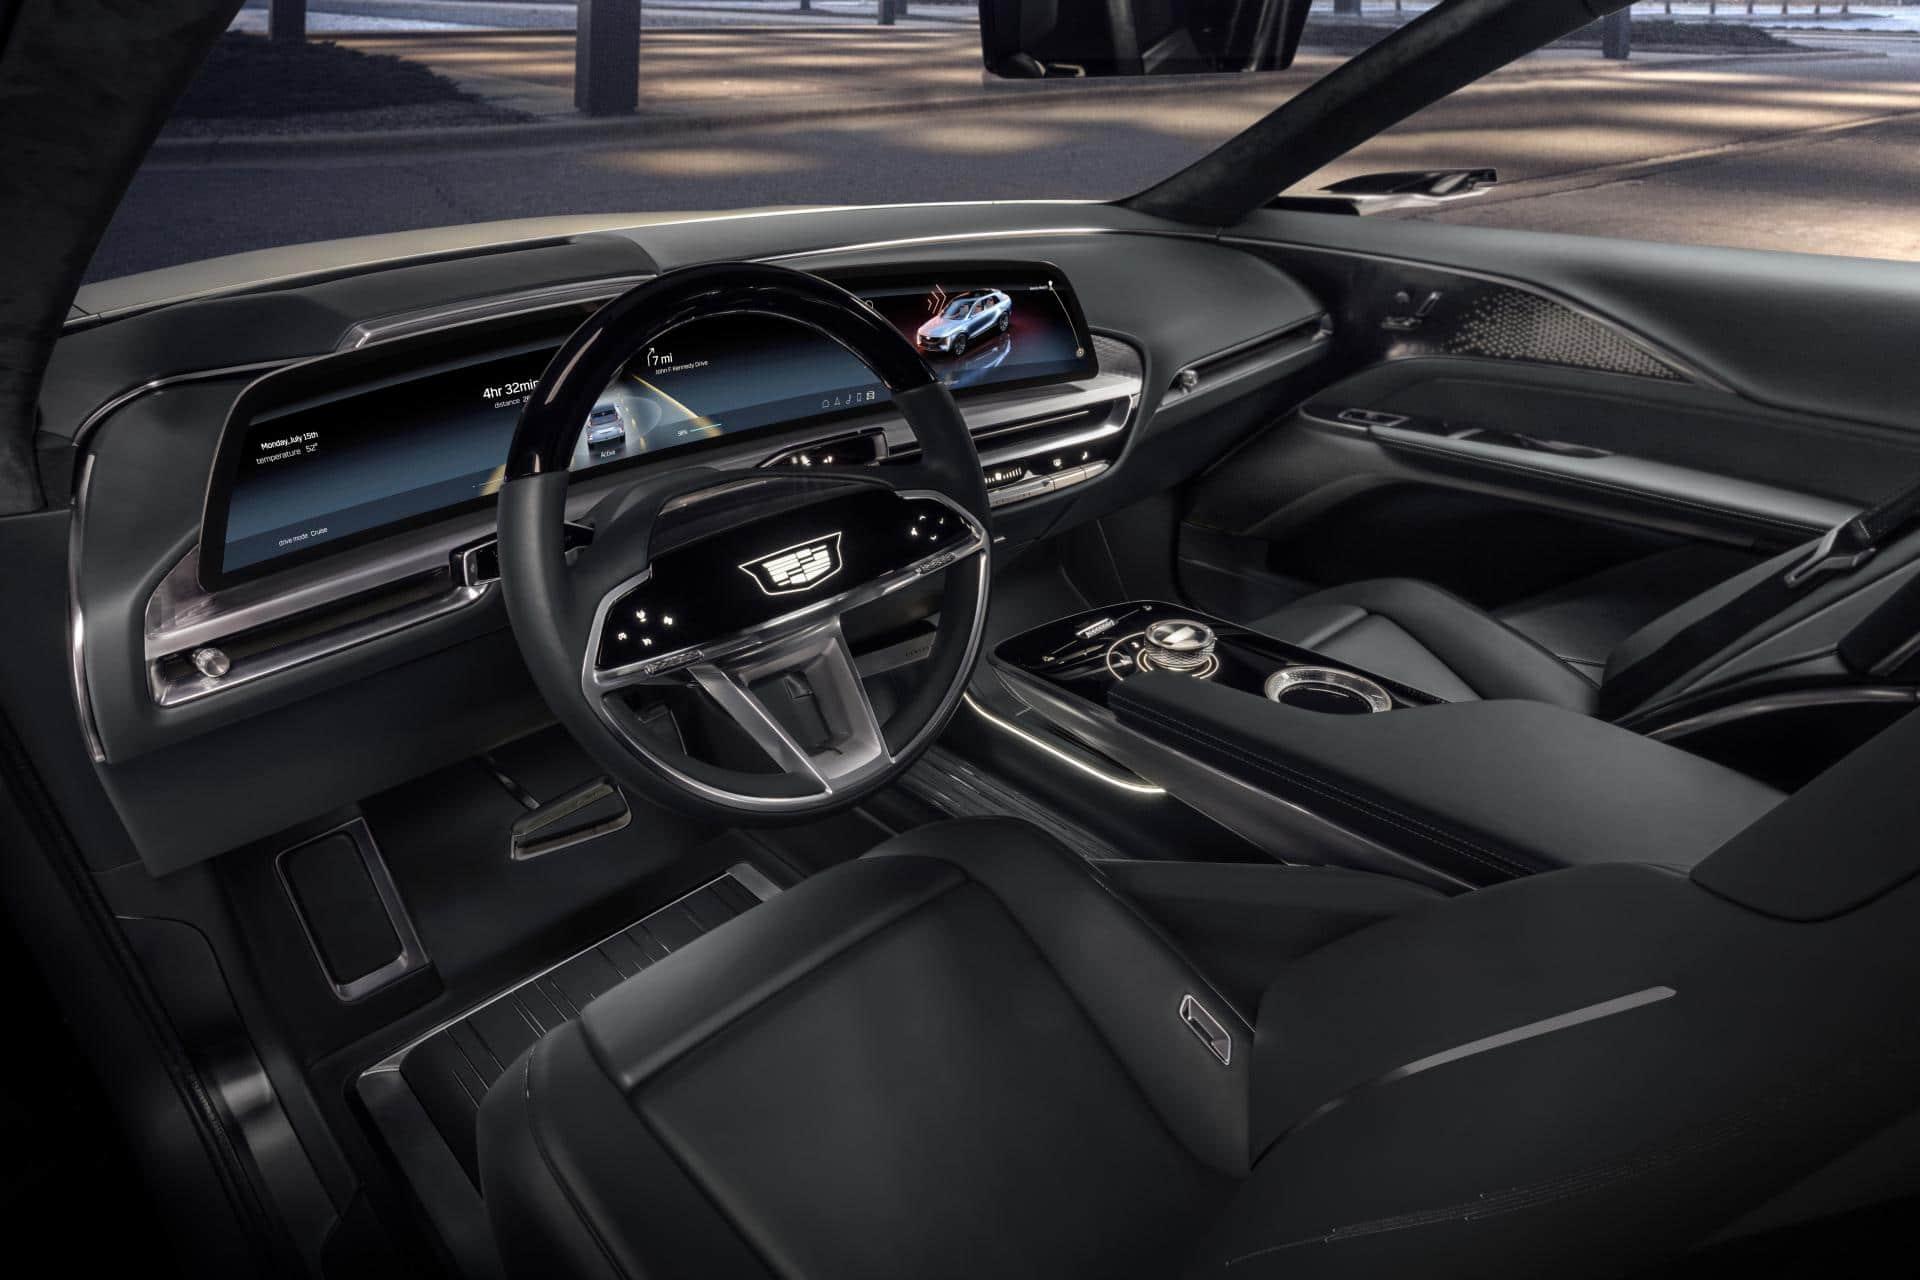 Tesla-Konkurrenz: Cadillac enthüllt Infotainment-System des E-Crossover Lyriq